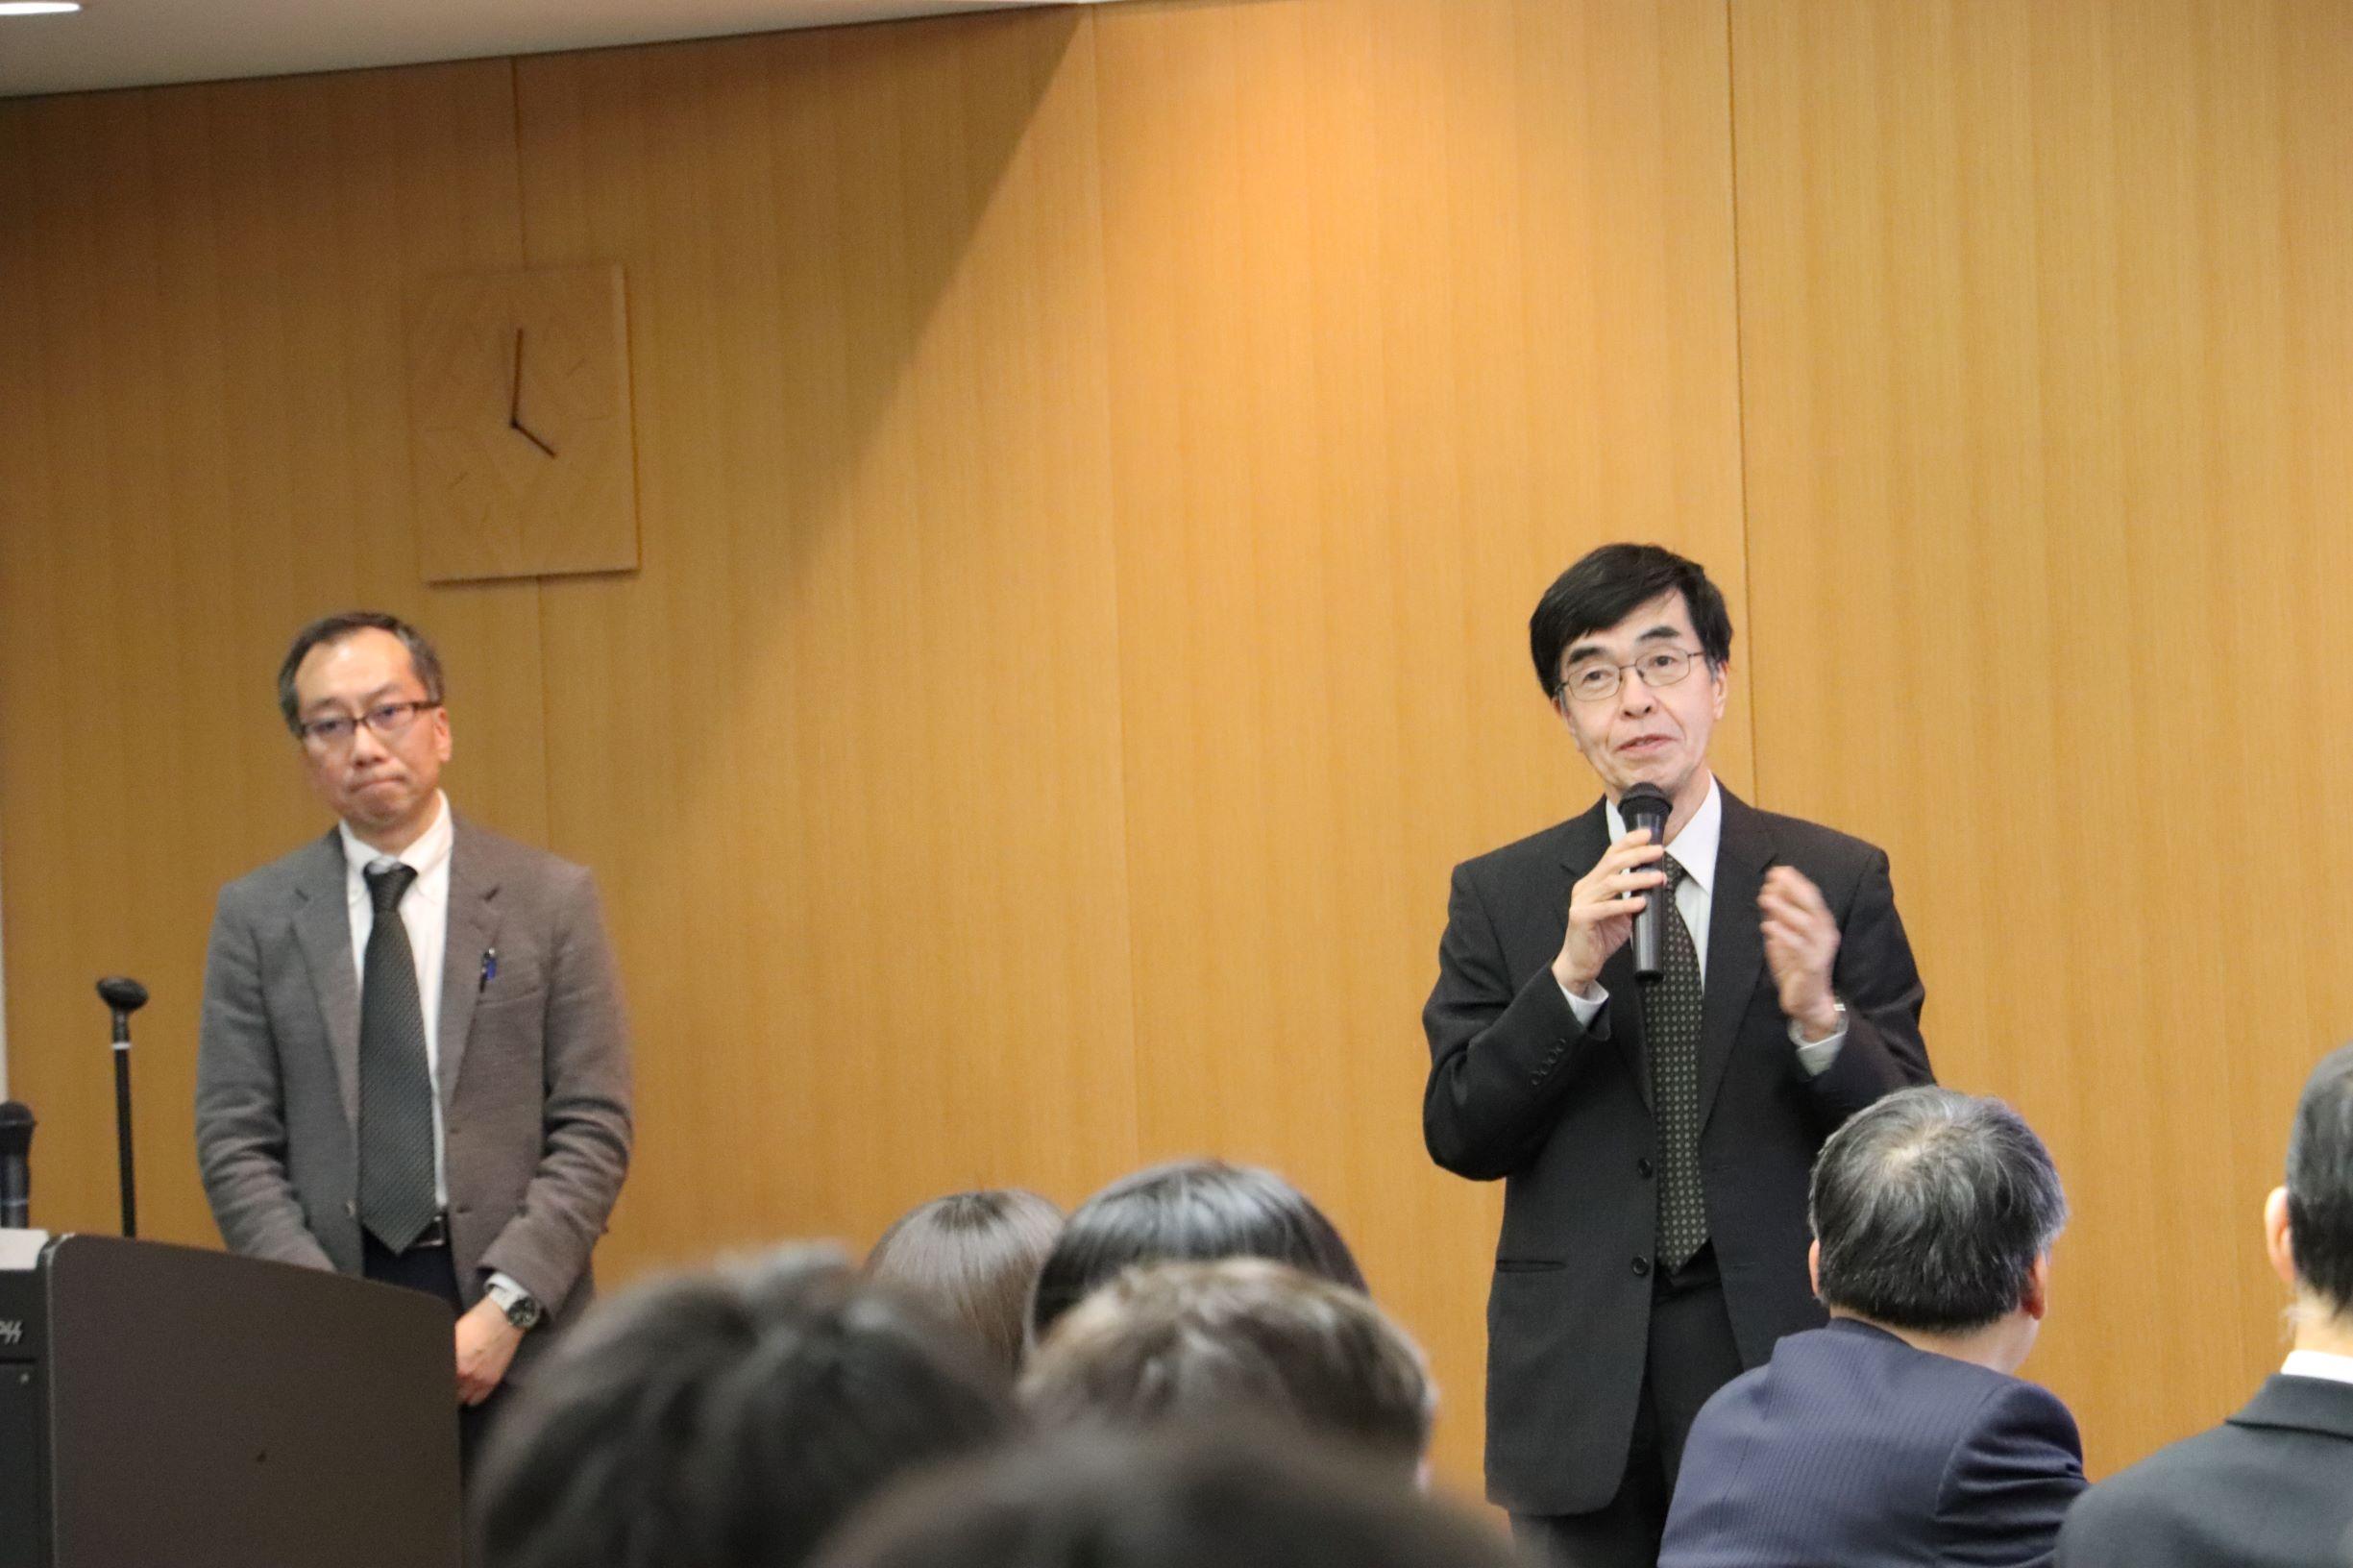 写真1 挨拶を行う小長井委員長(右)と司会の岡田幹事長(左)